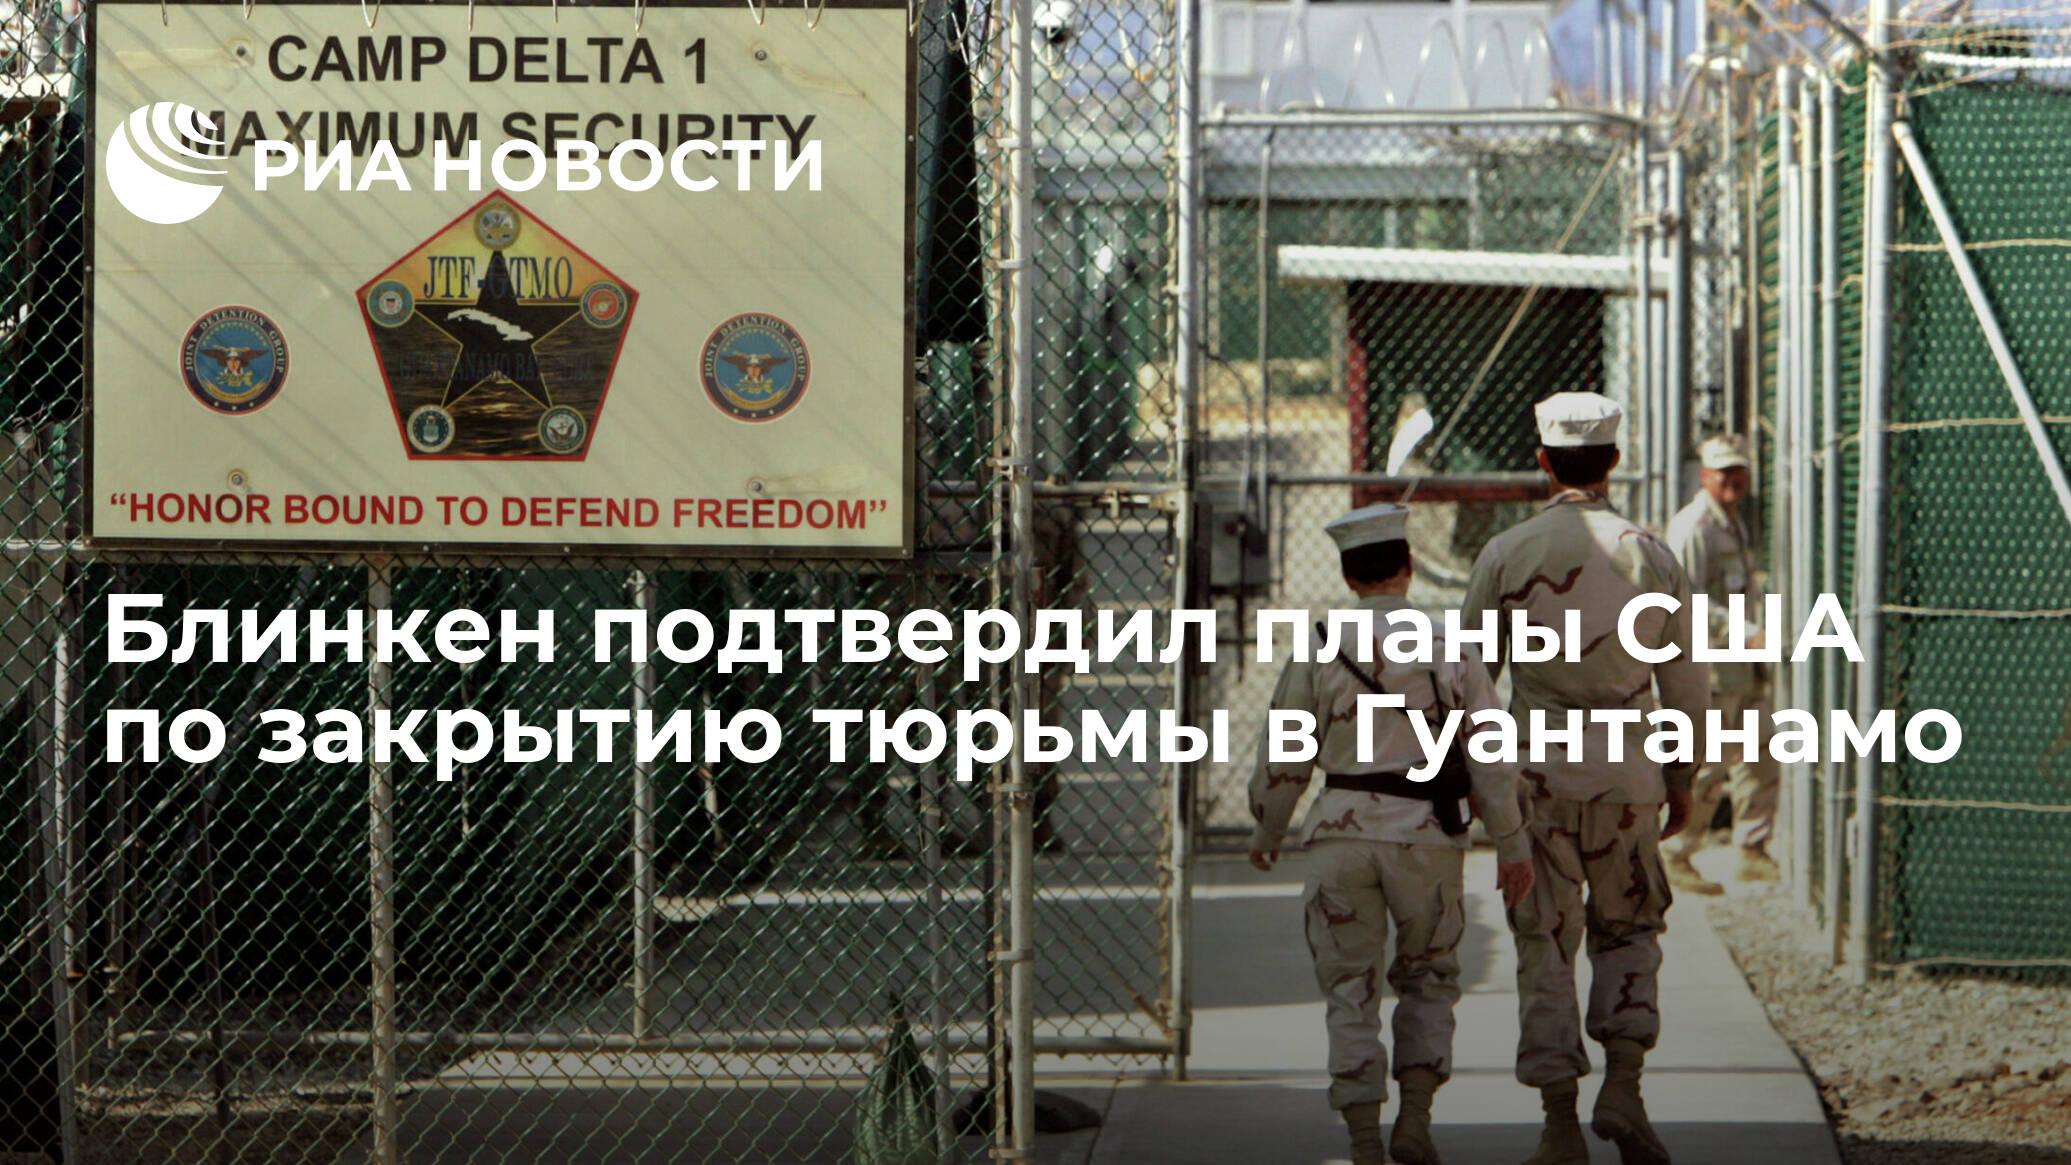 Блинкен подтвердил планы США по закрытию тюрьмы в Гуантанамо